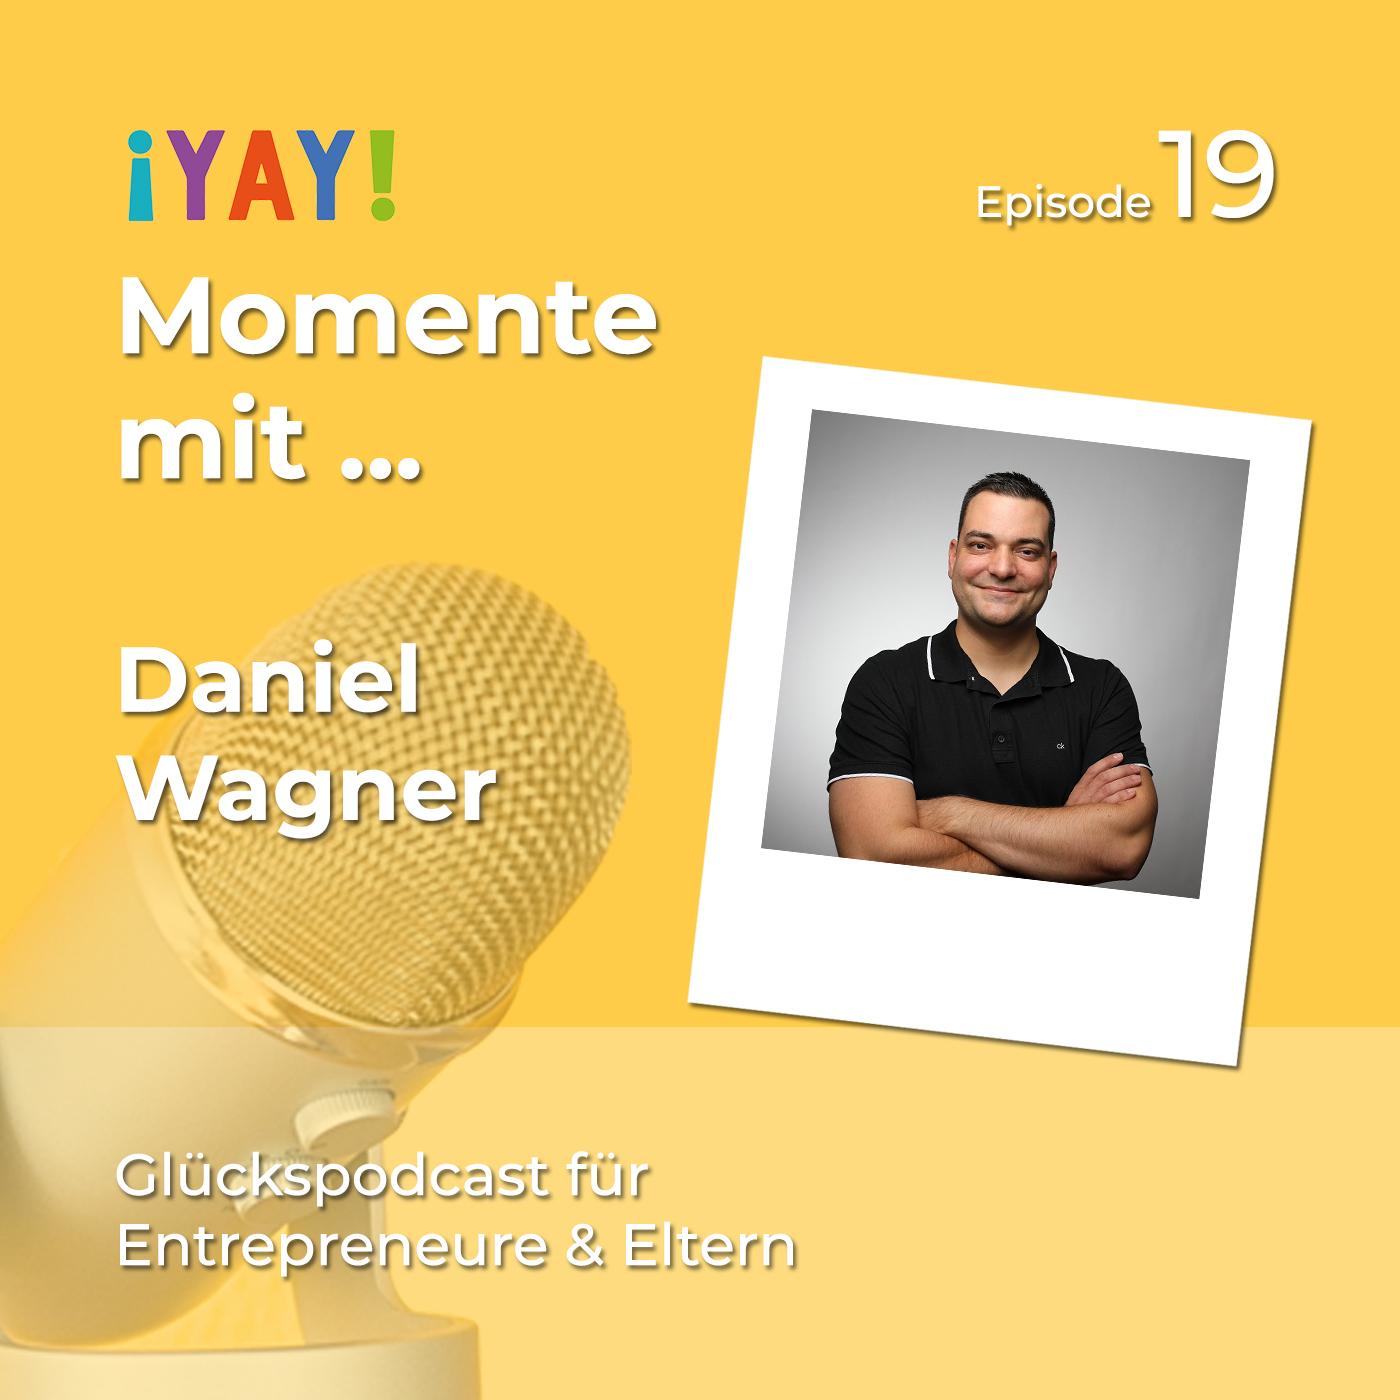 Yay-Momente mit Podsultant Daniel Wagner - dein Weg zum eigenen Podcast!